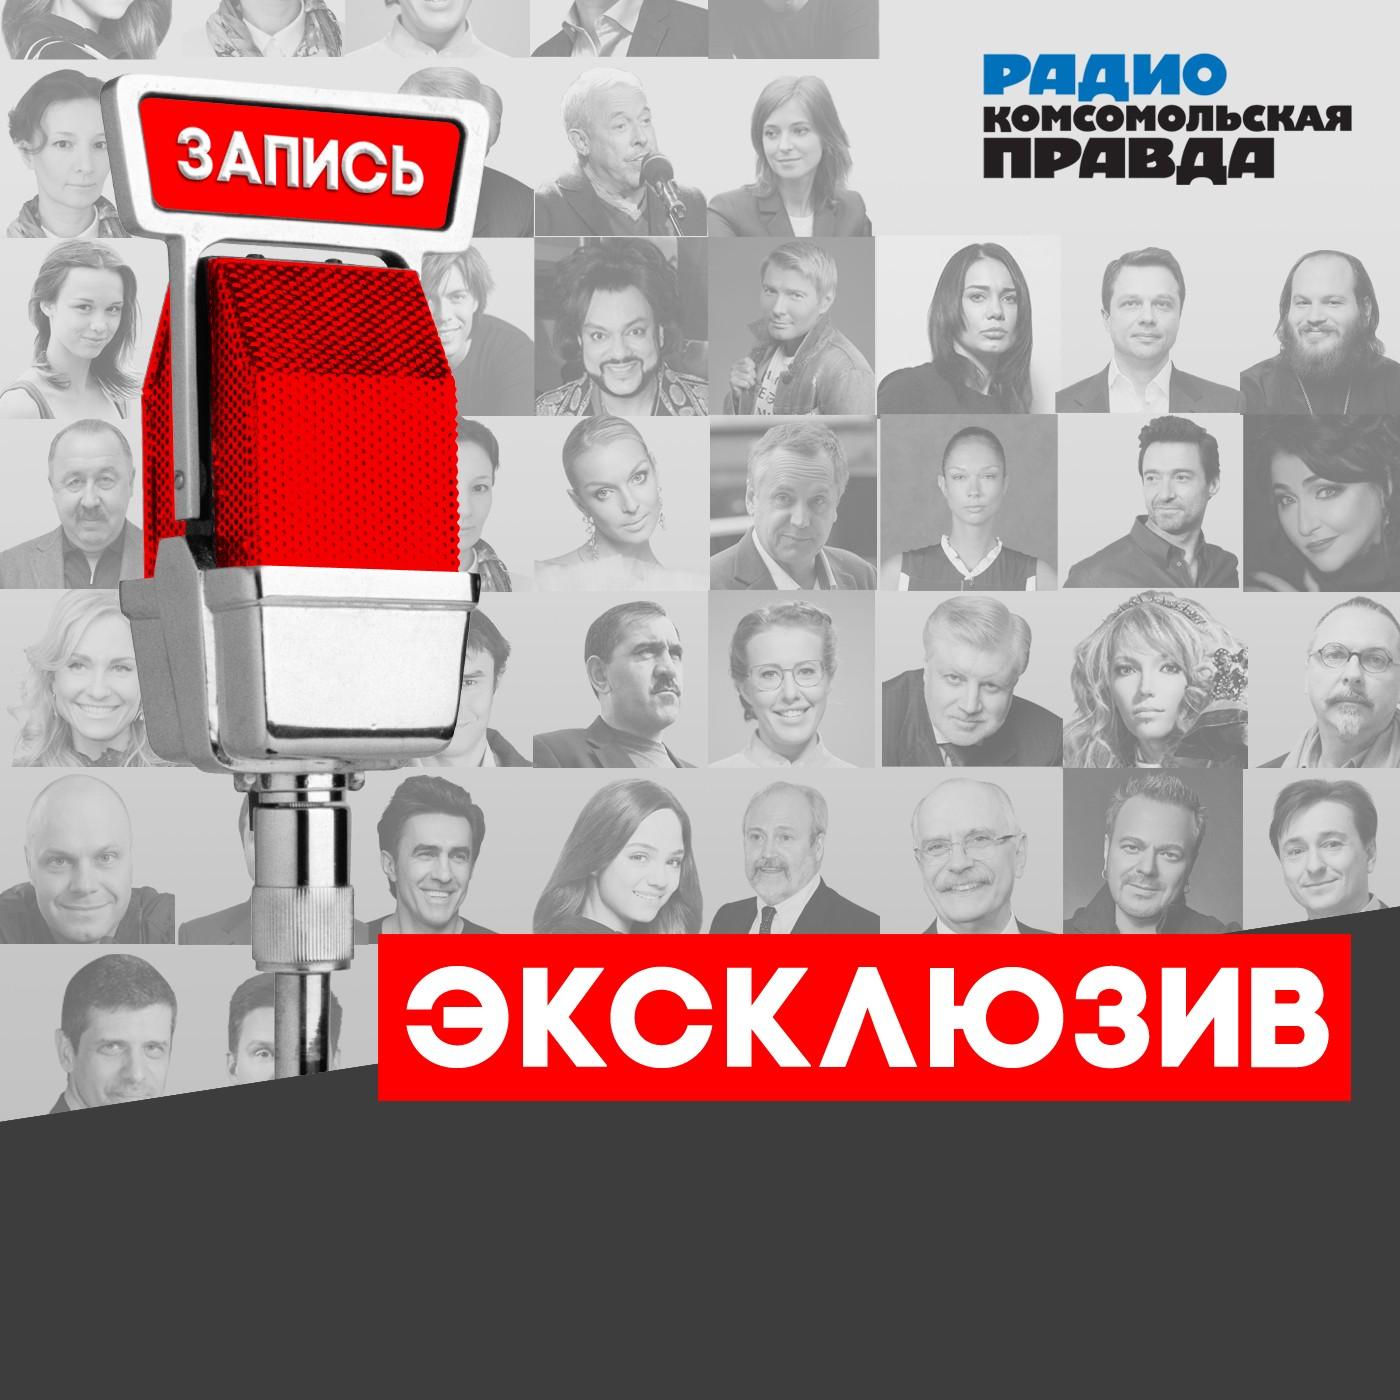 Радио «Комсомольская правда» Николай Азаров: Для киевских политиков война - способ отвлечь внимание людей от нищенского положения цена и фото